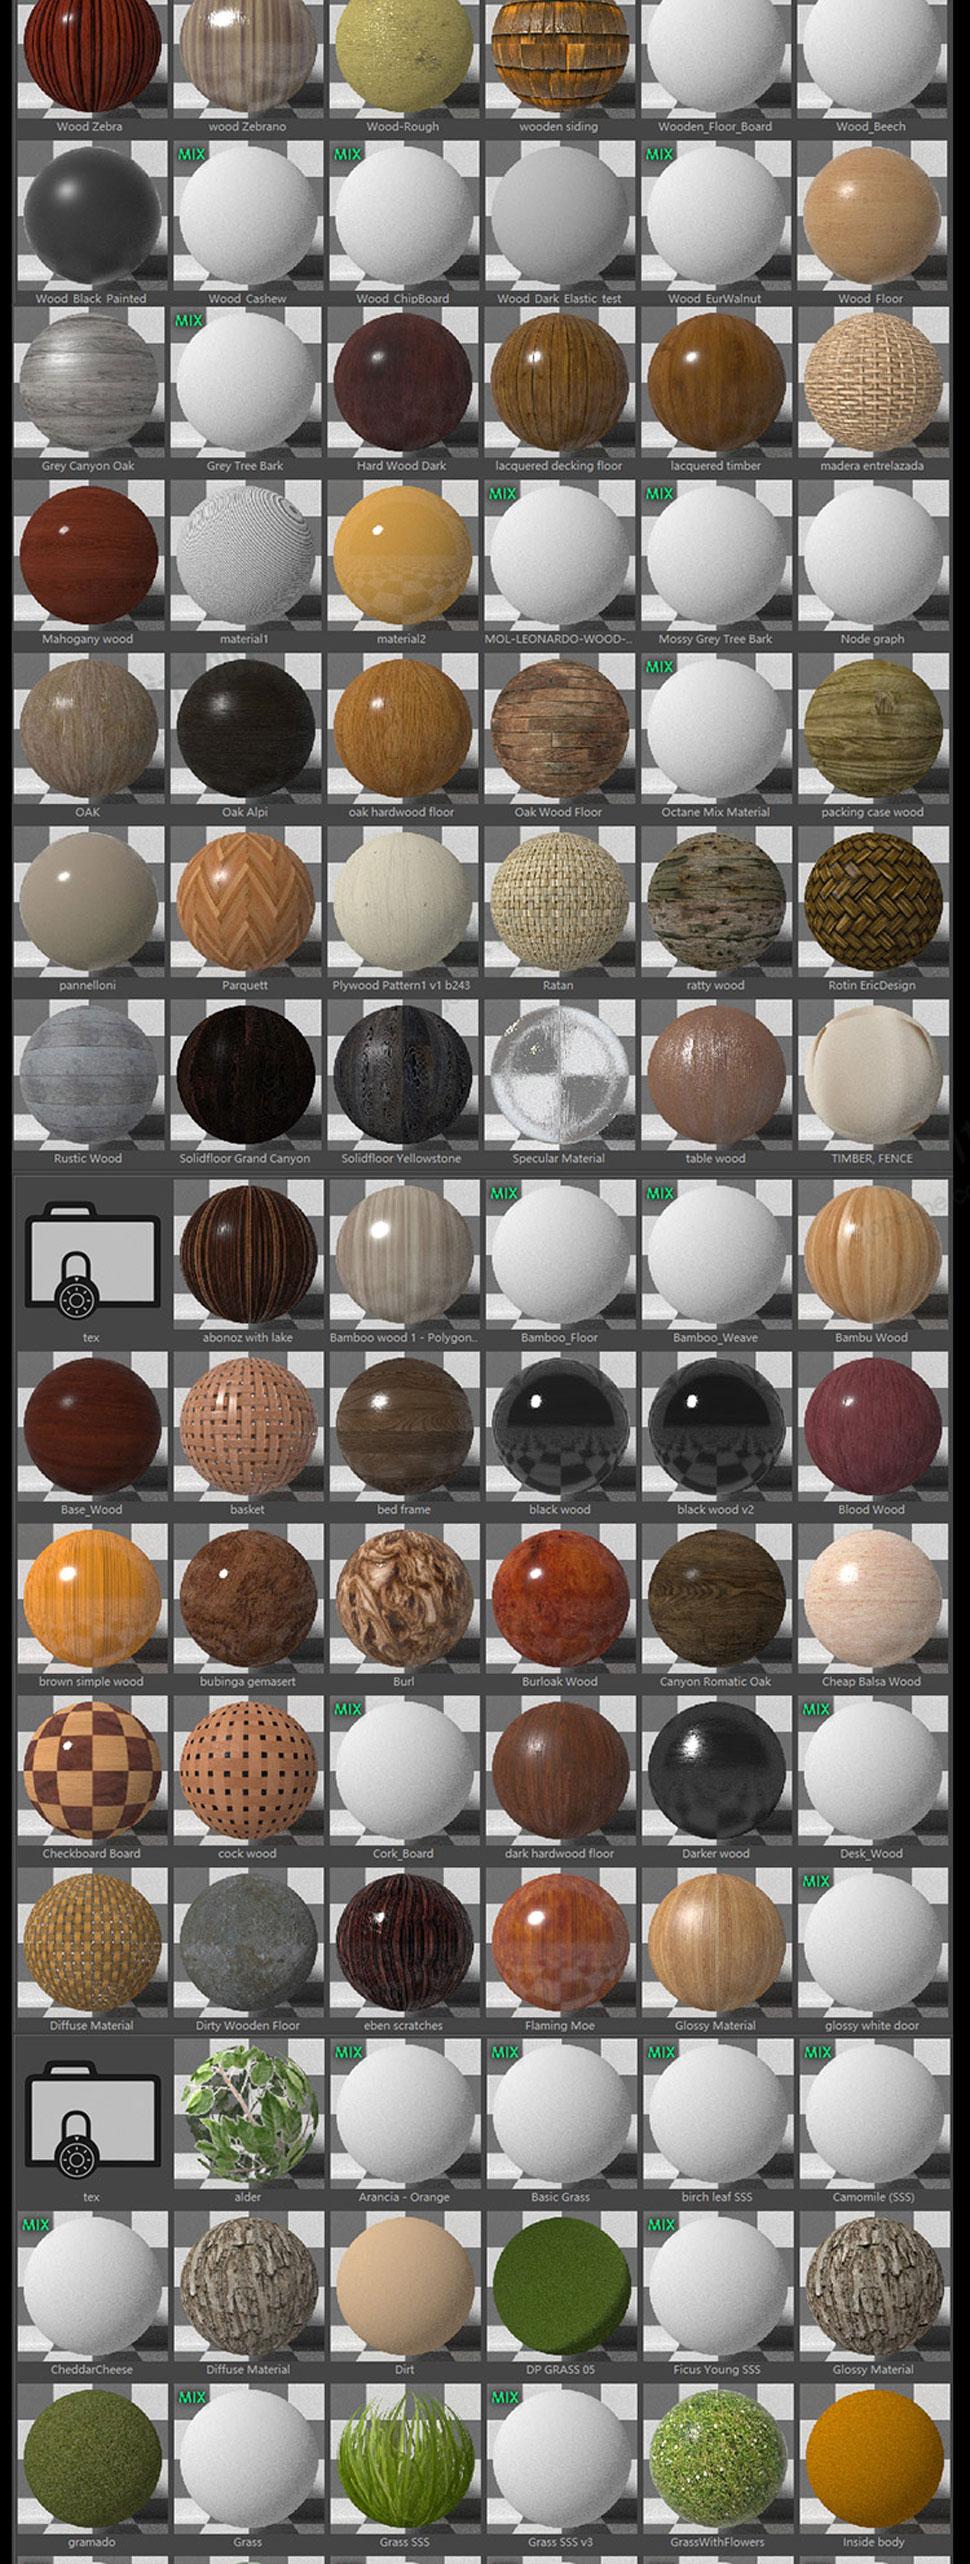 OC材质球贴图预设金属木材玻璃纹理材质包素材